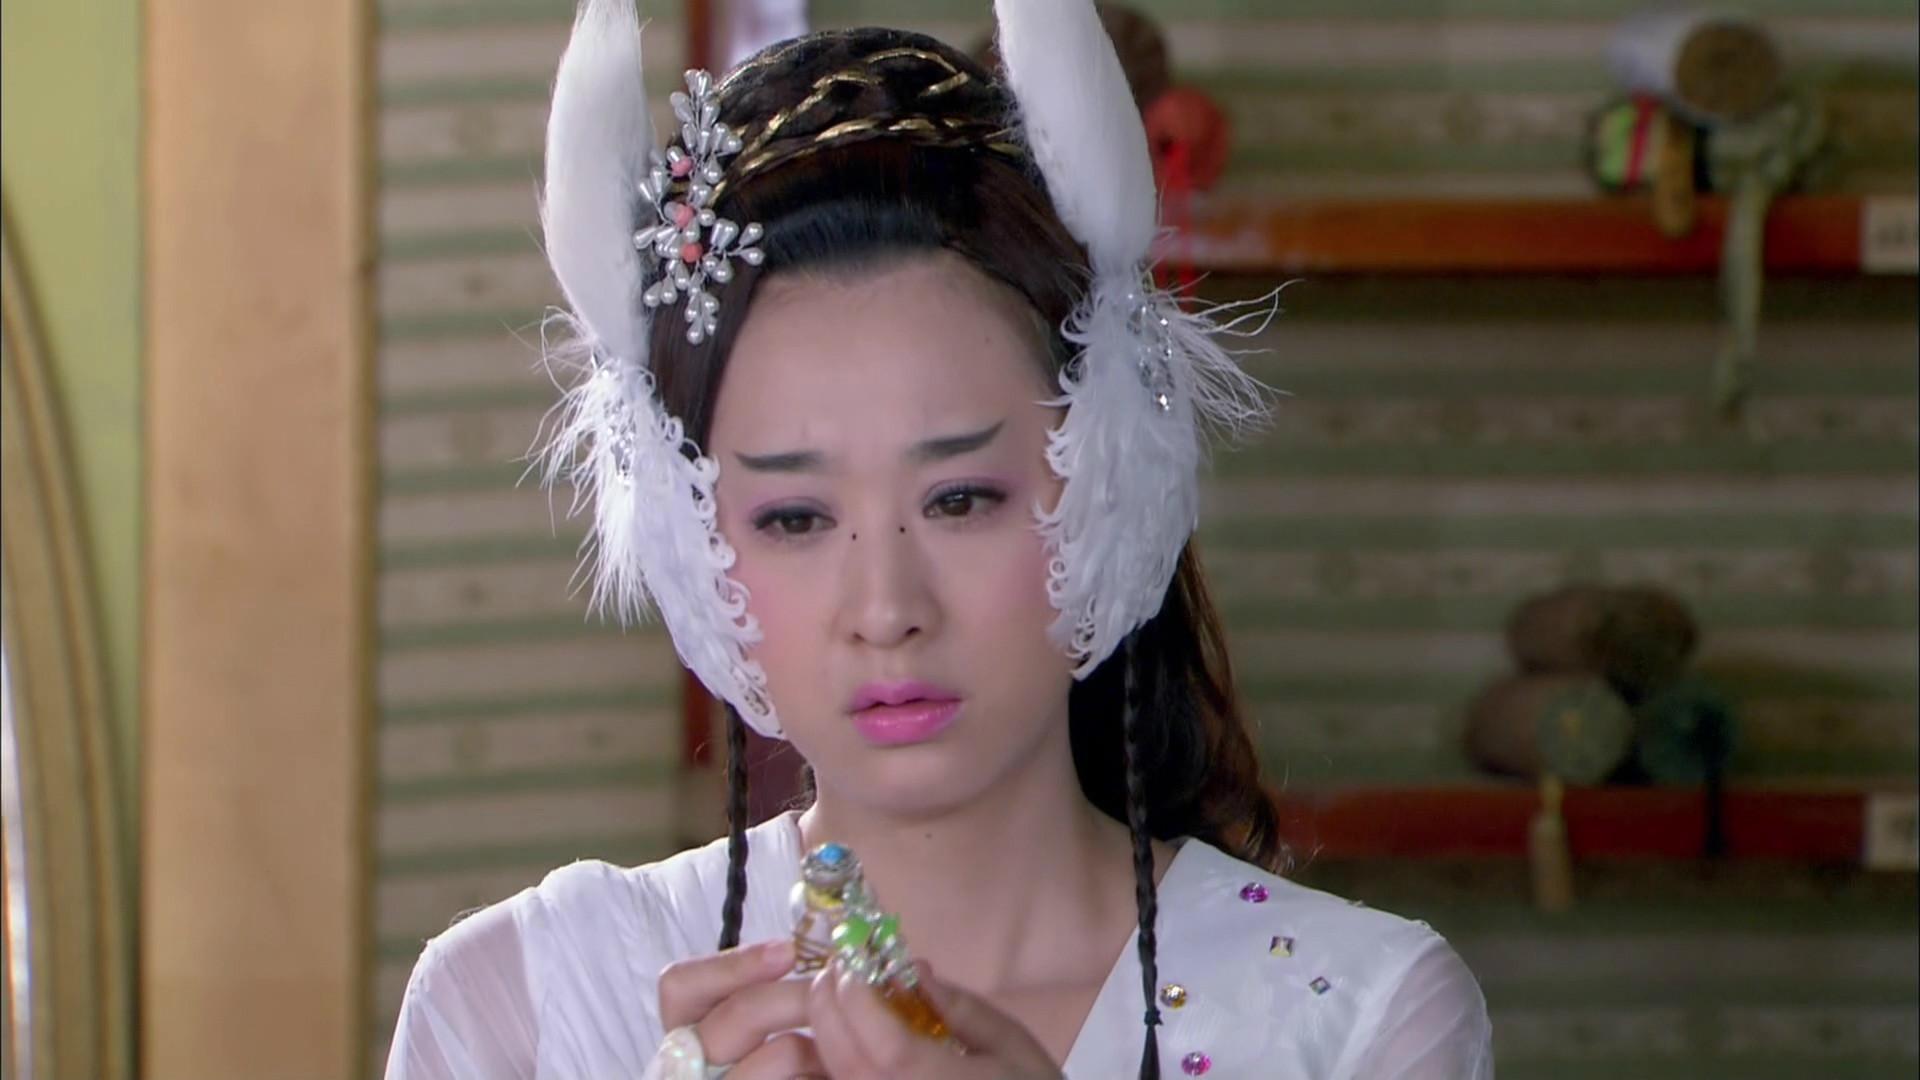 雪雨酷帅、九妹俏皮、李蔷蔷显脸小 发饰贴在脸颊上的古装女子,